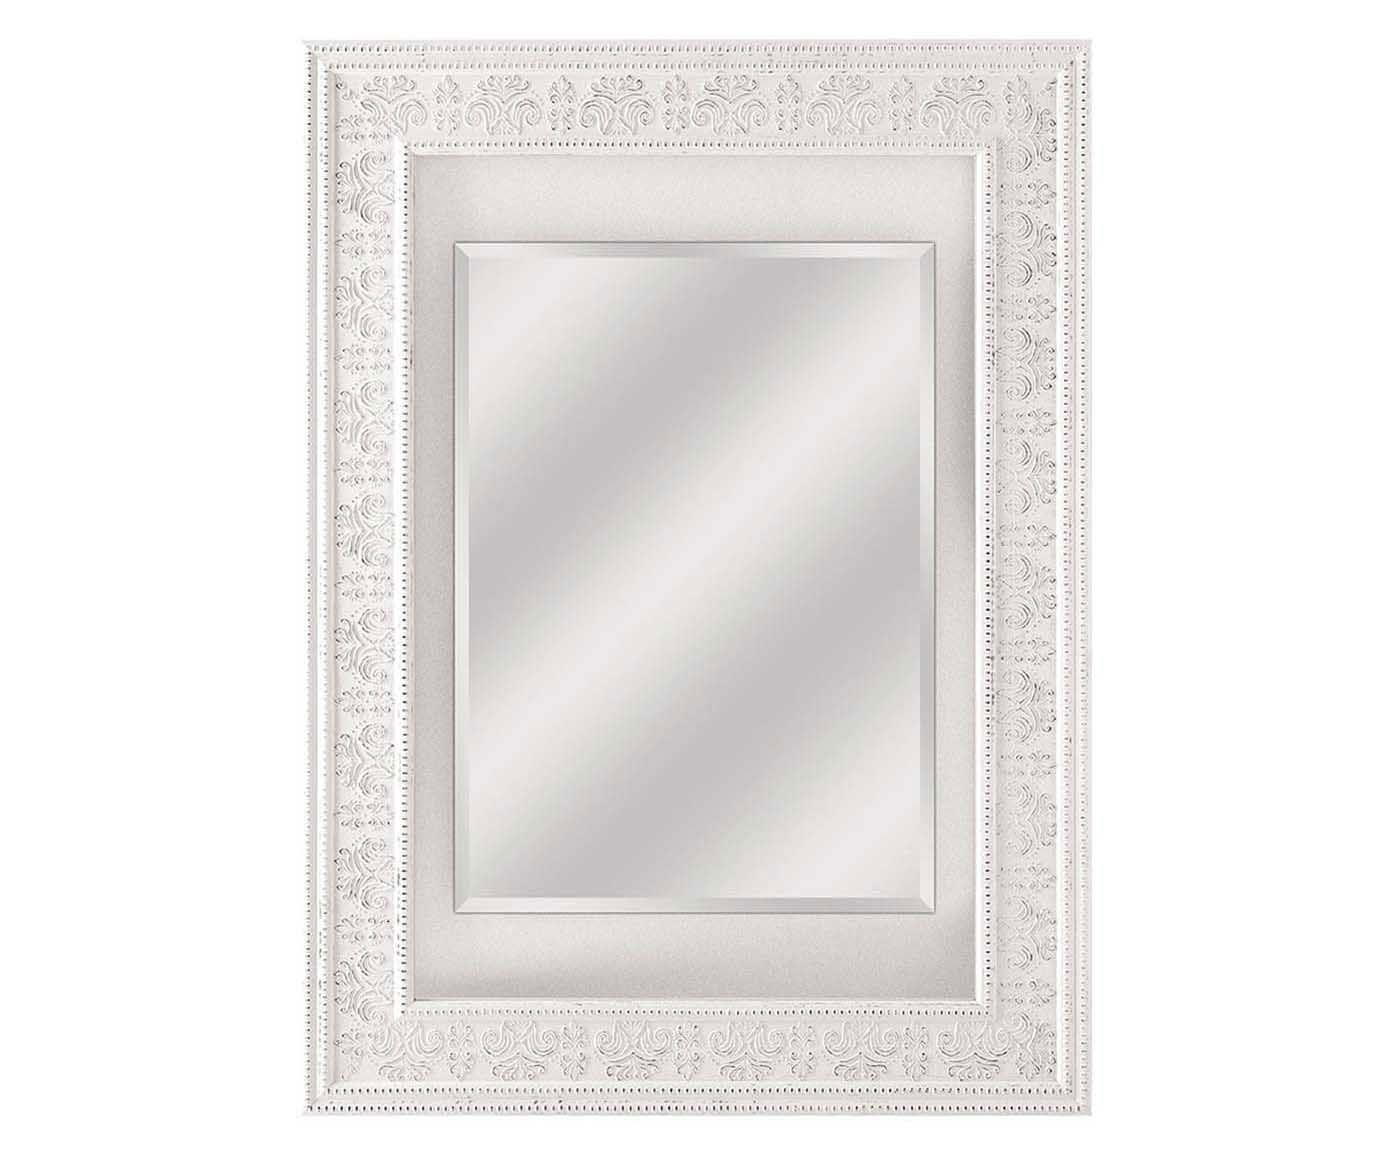 Espelho santa cruz | Westwing.com.br